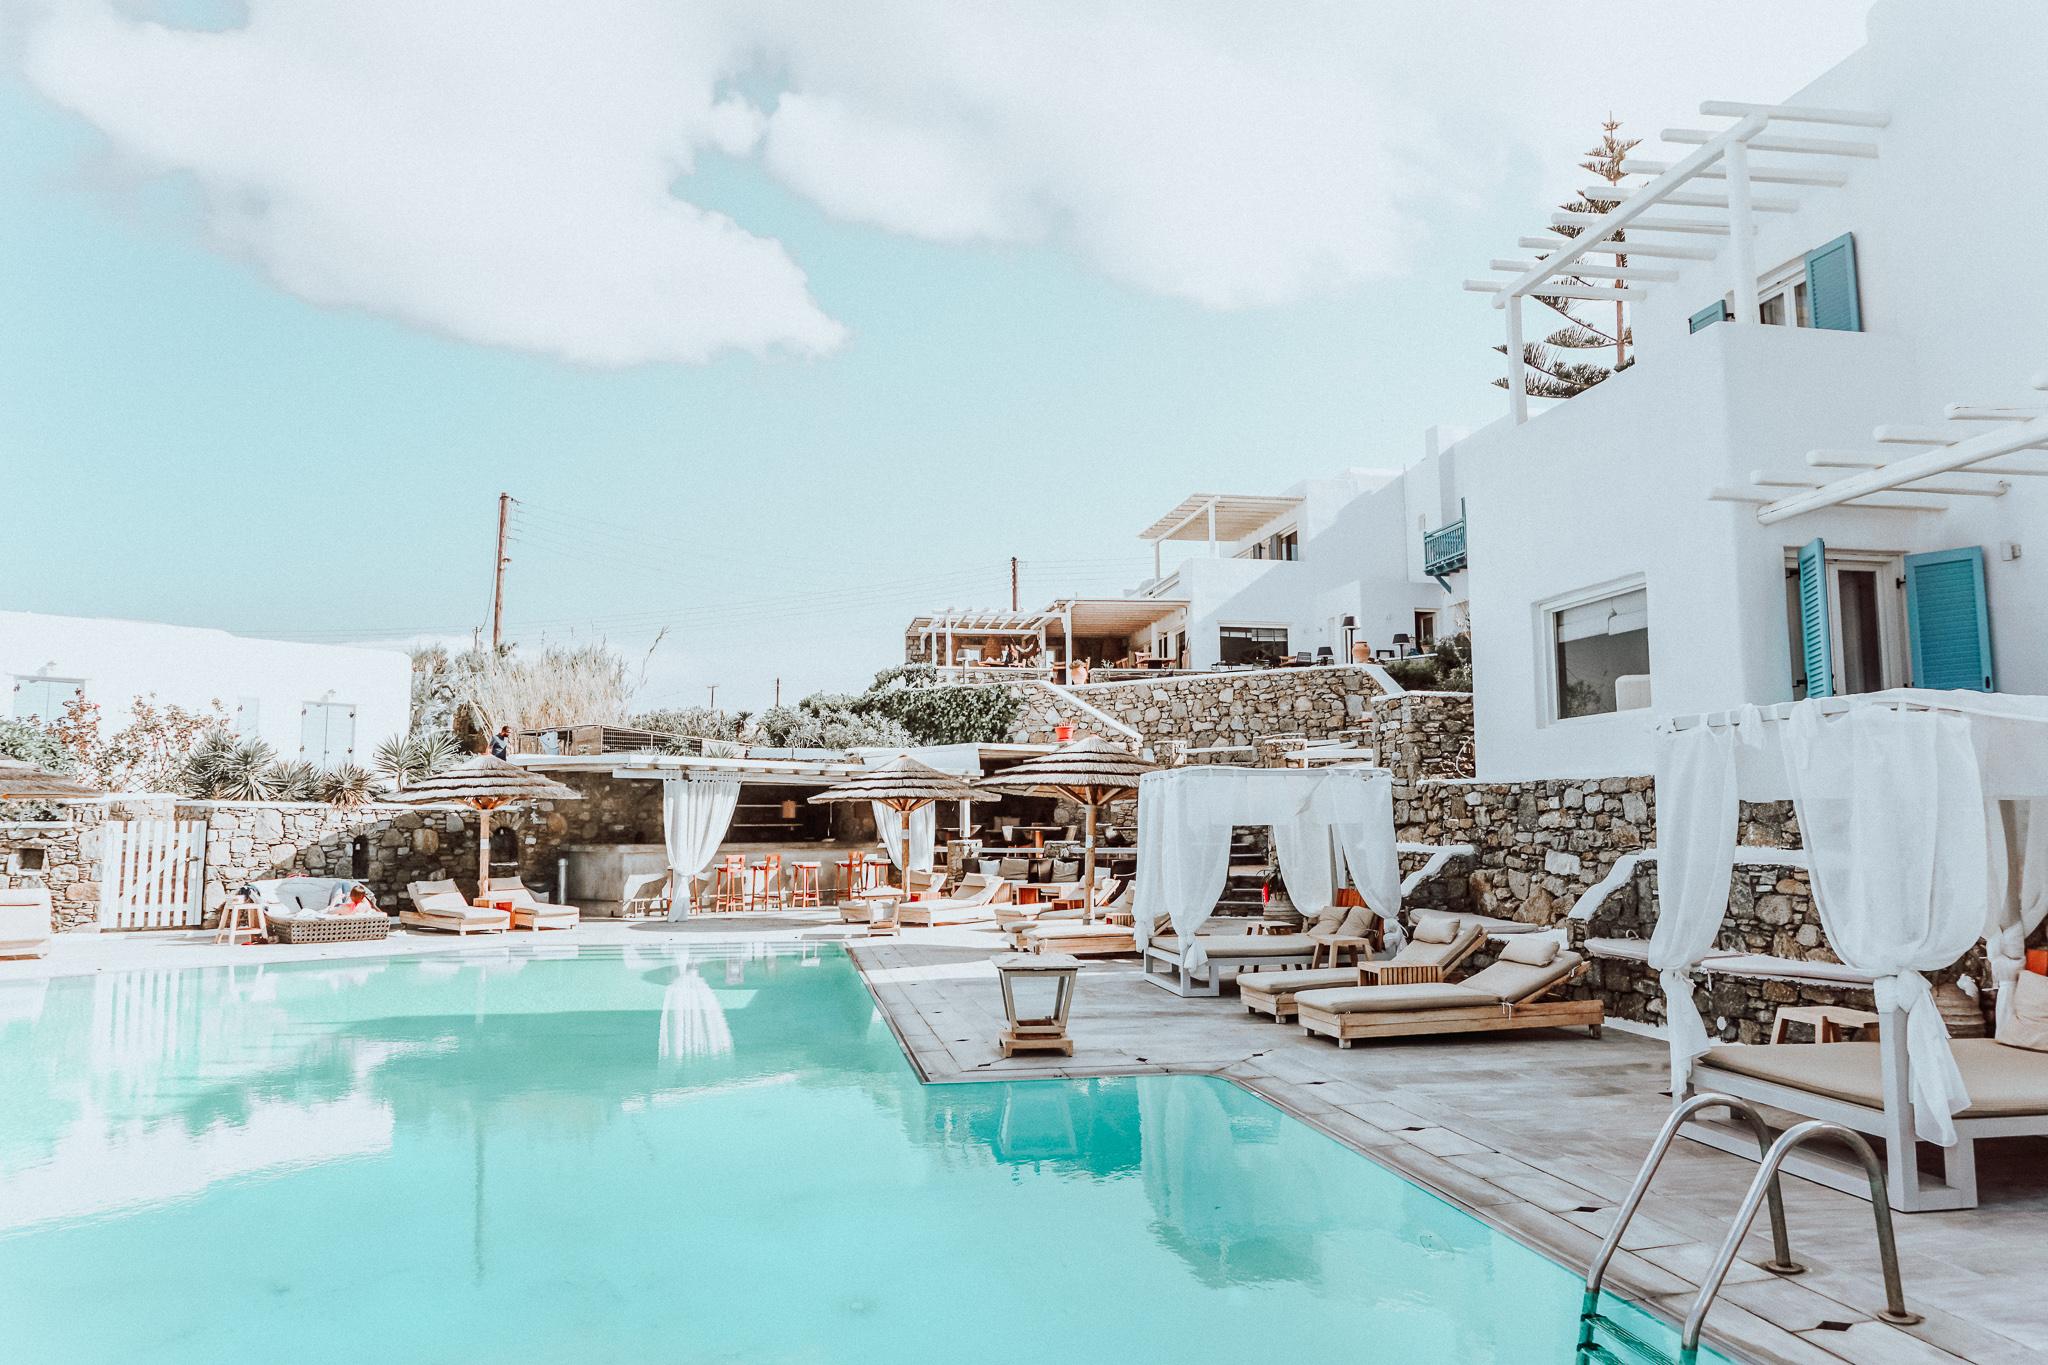 mykonos travel guide tips and instagram spots. Black Bedroom Furniture Sets. Home Design Ideas